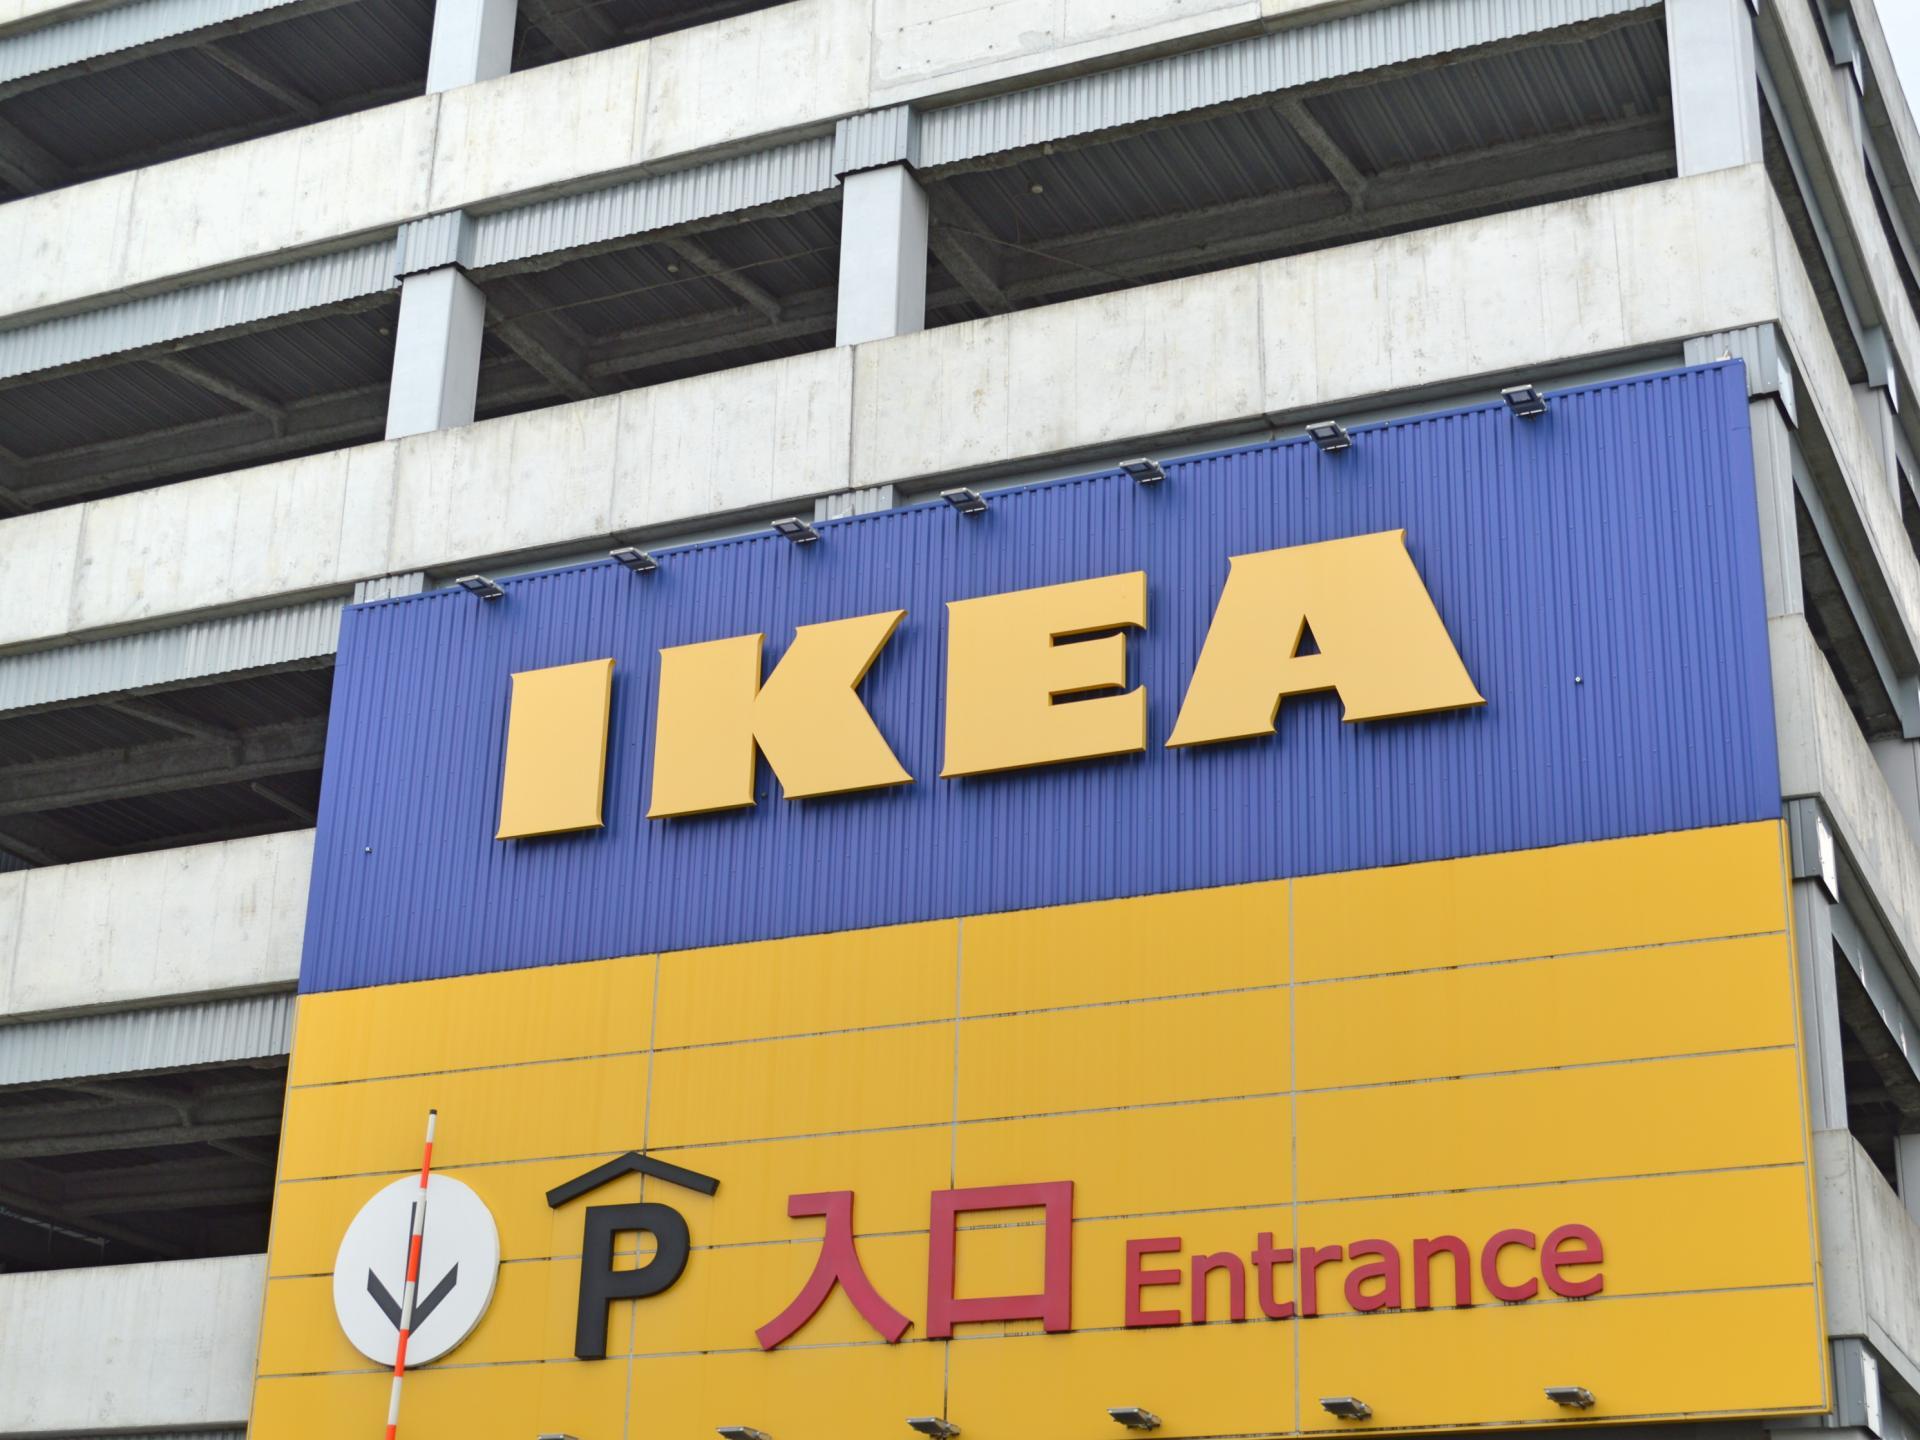 IKEAの棚はおしゃれで実用性抜群!カスタマイズしやすいおすすめ商品は?